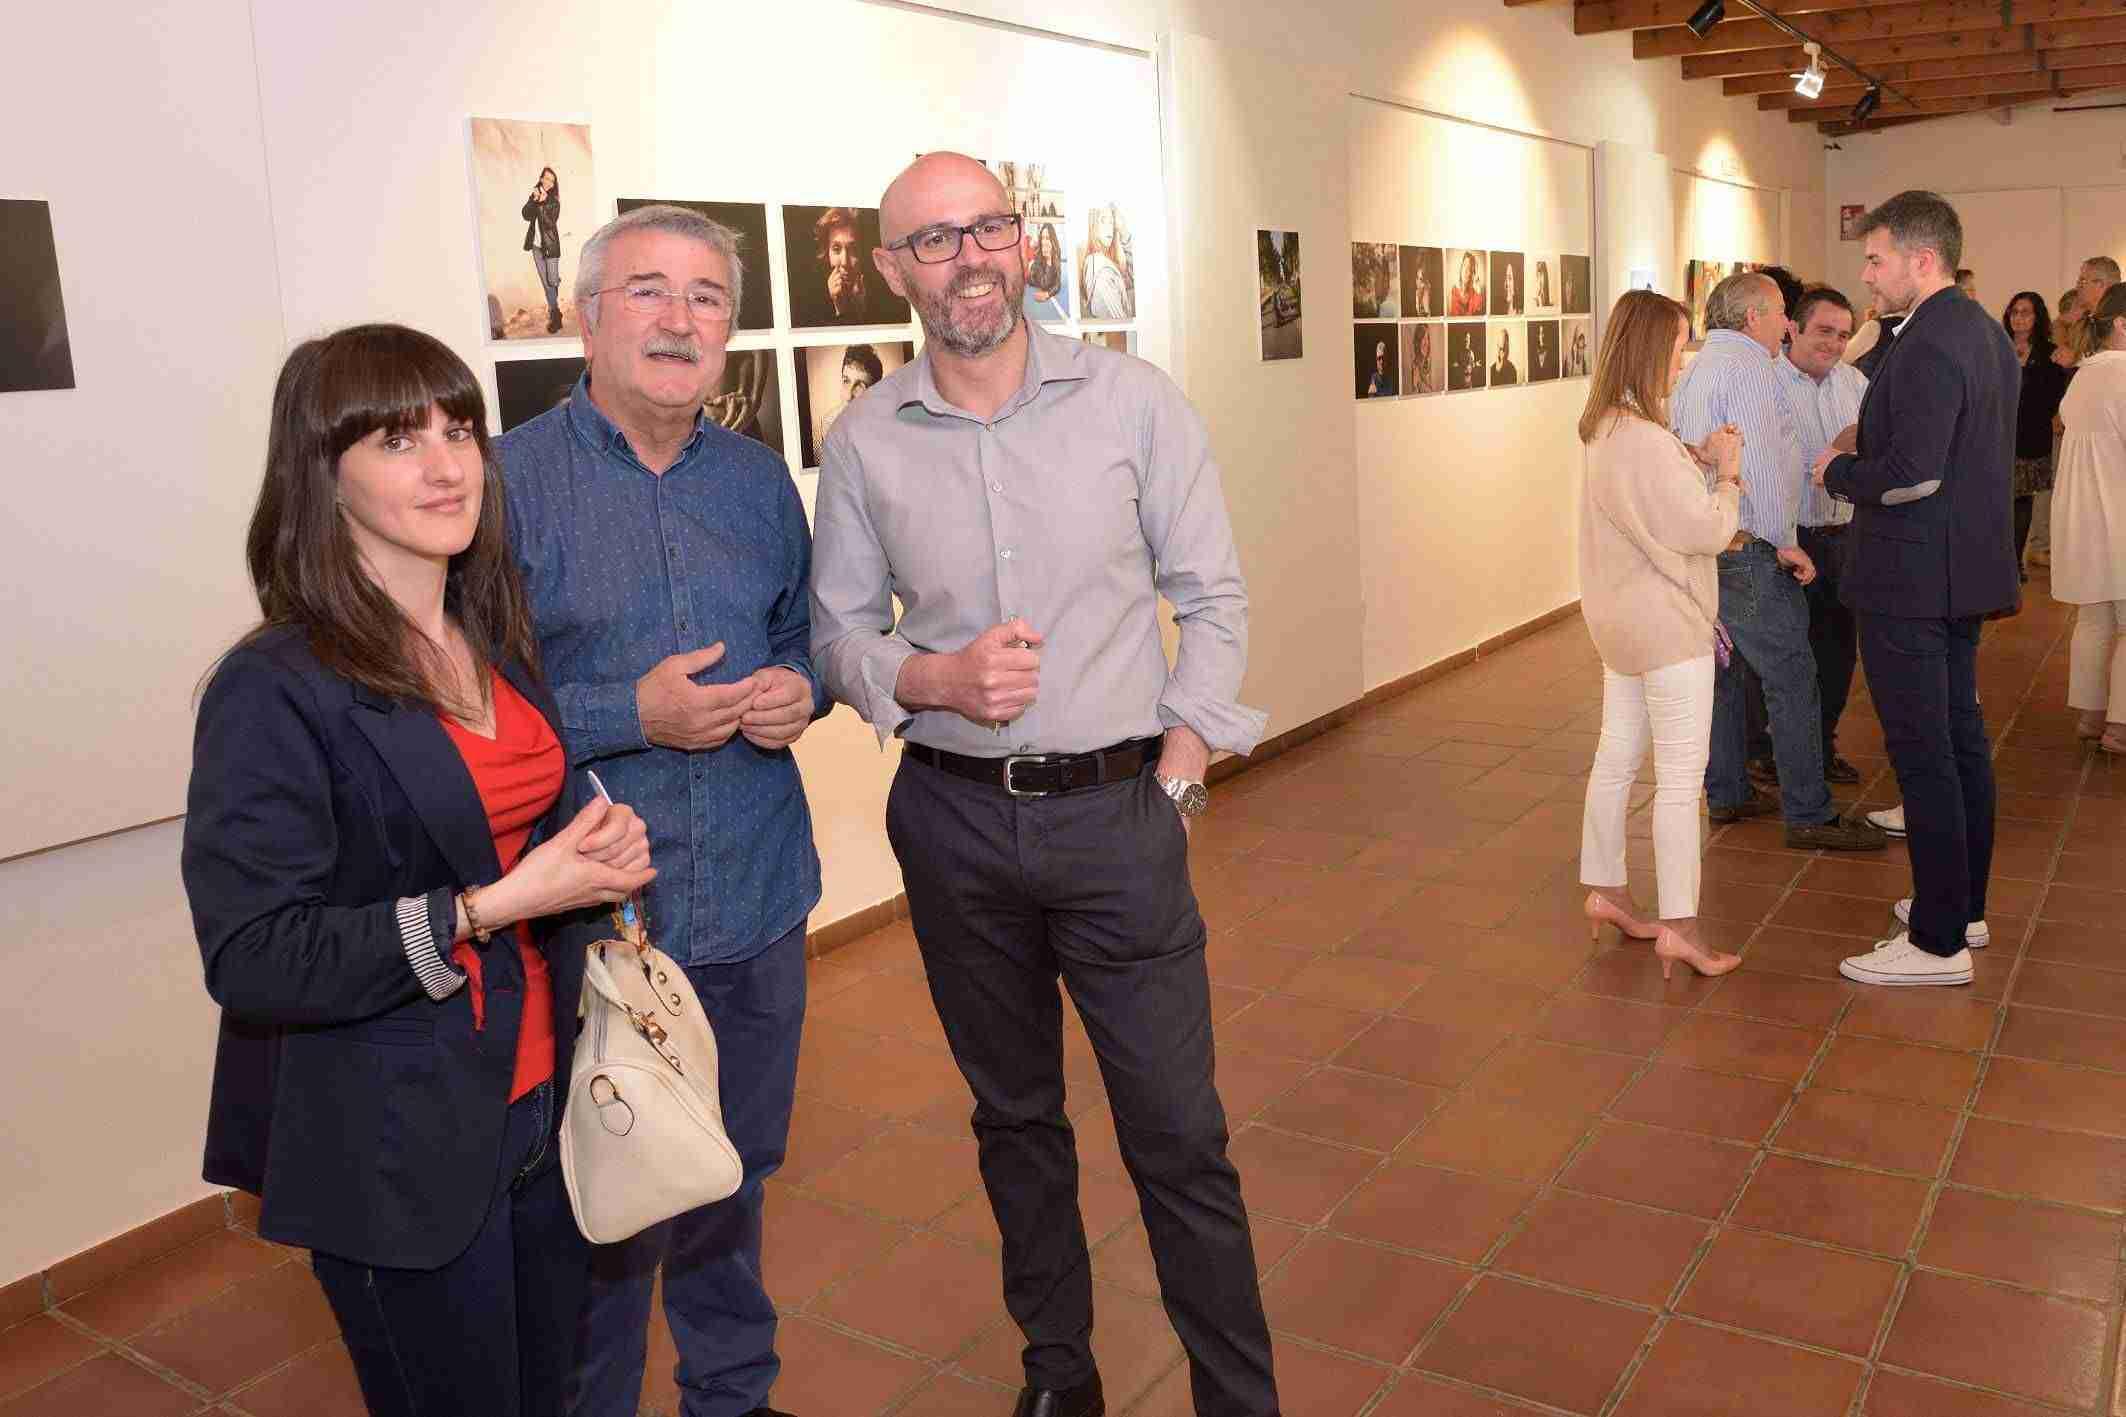 Abierta la exposición de pintura y fotografía de la UP en Argamasilla de Alba 6